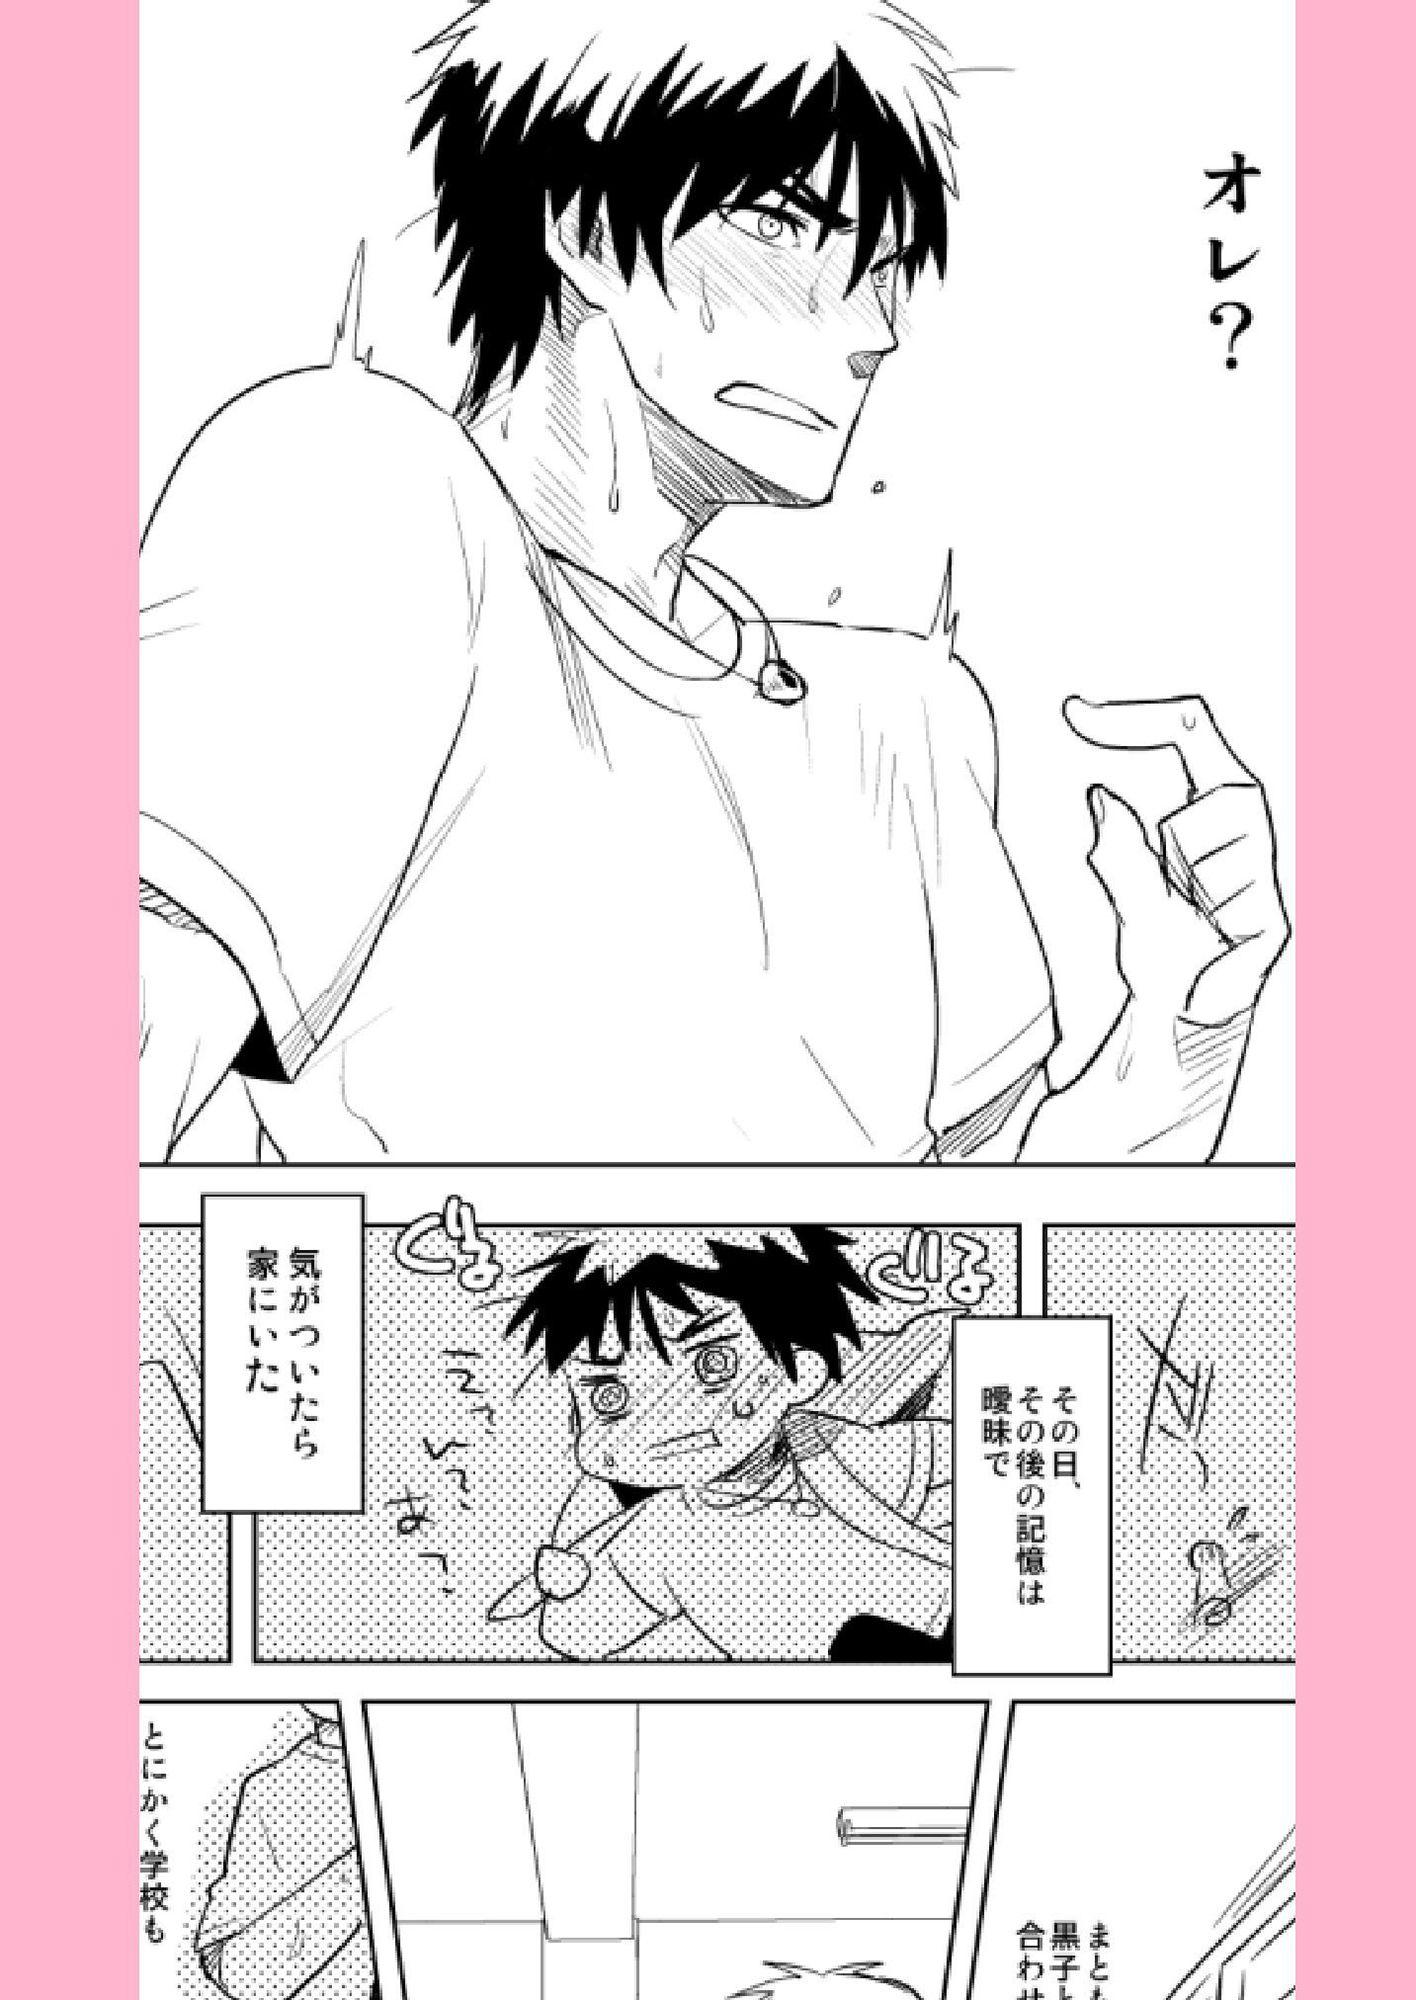 【黒子のバスケ 同人】KISSTHEDAMAGE